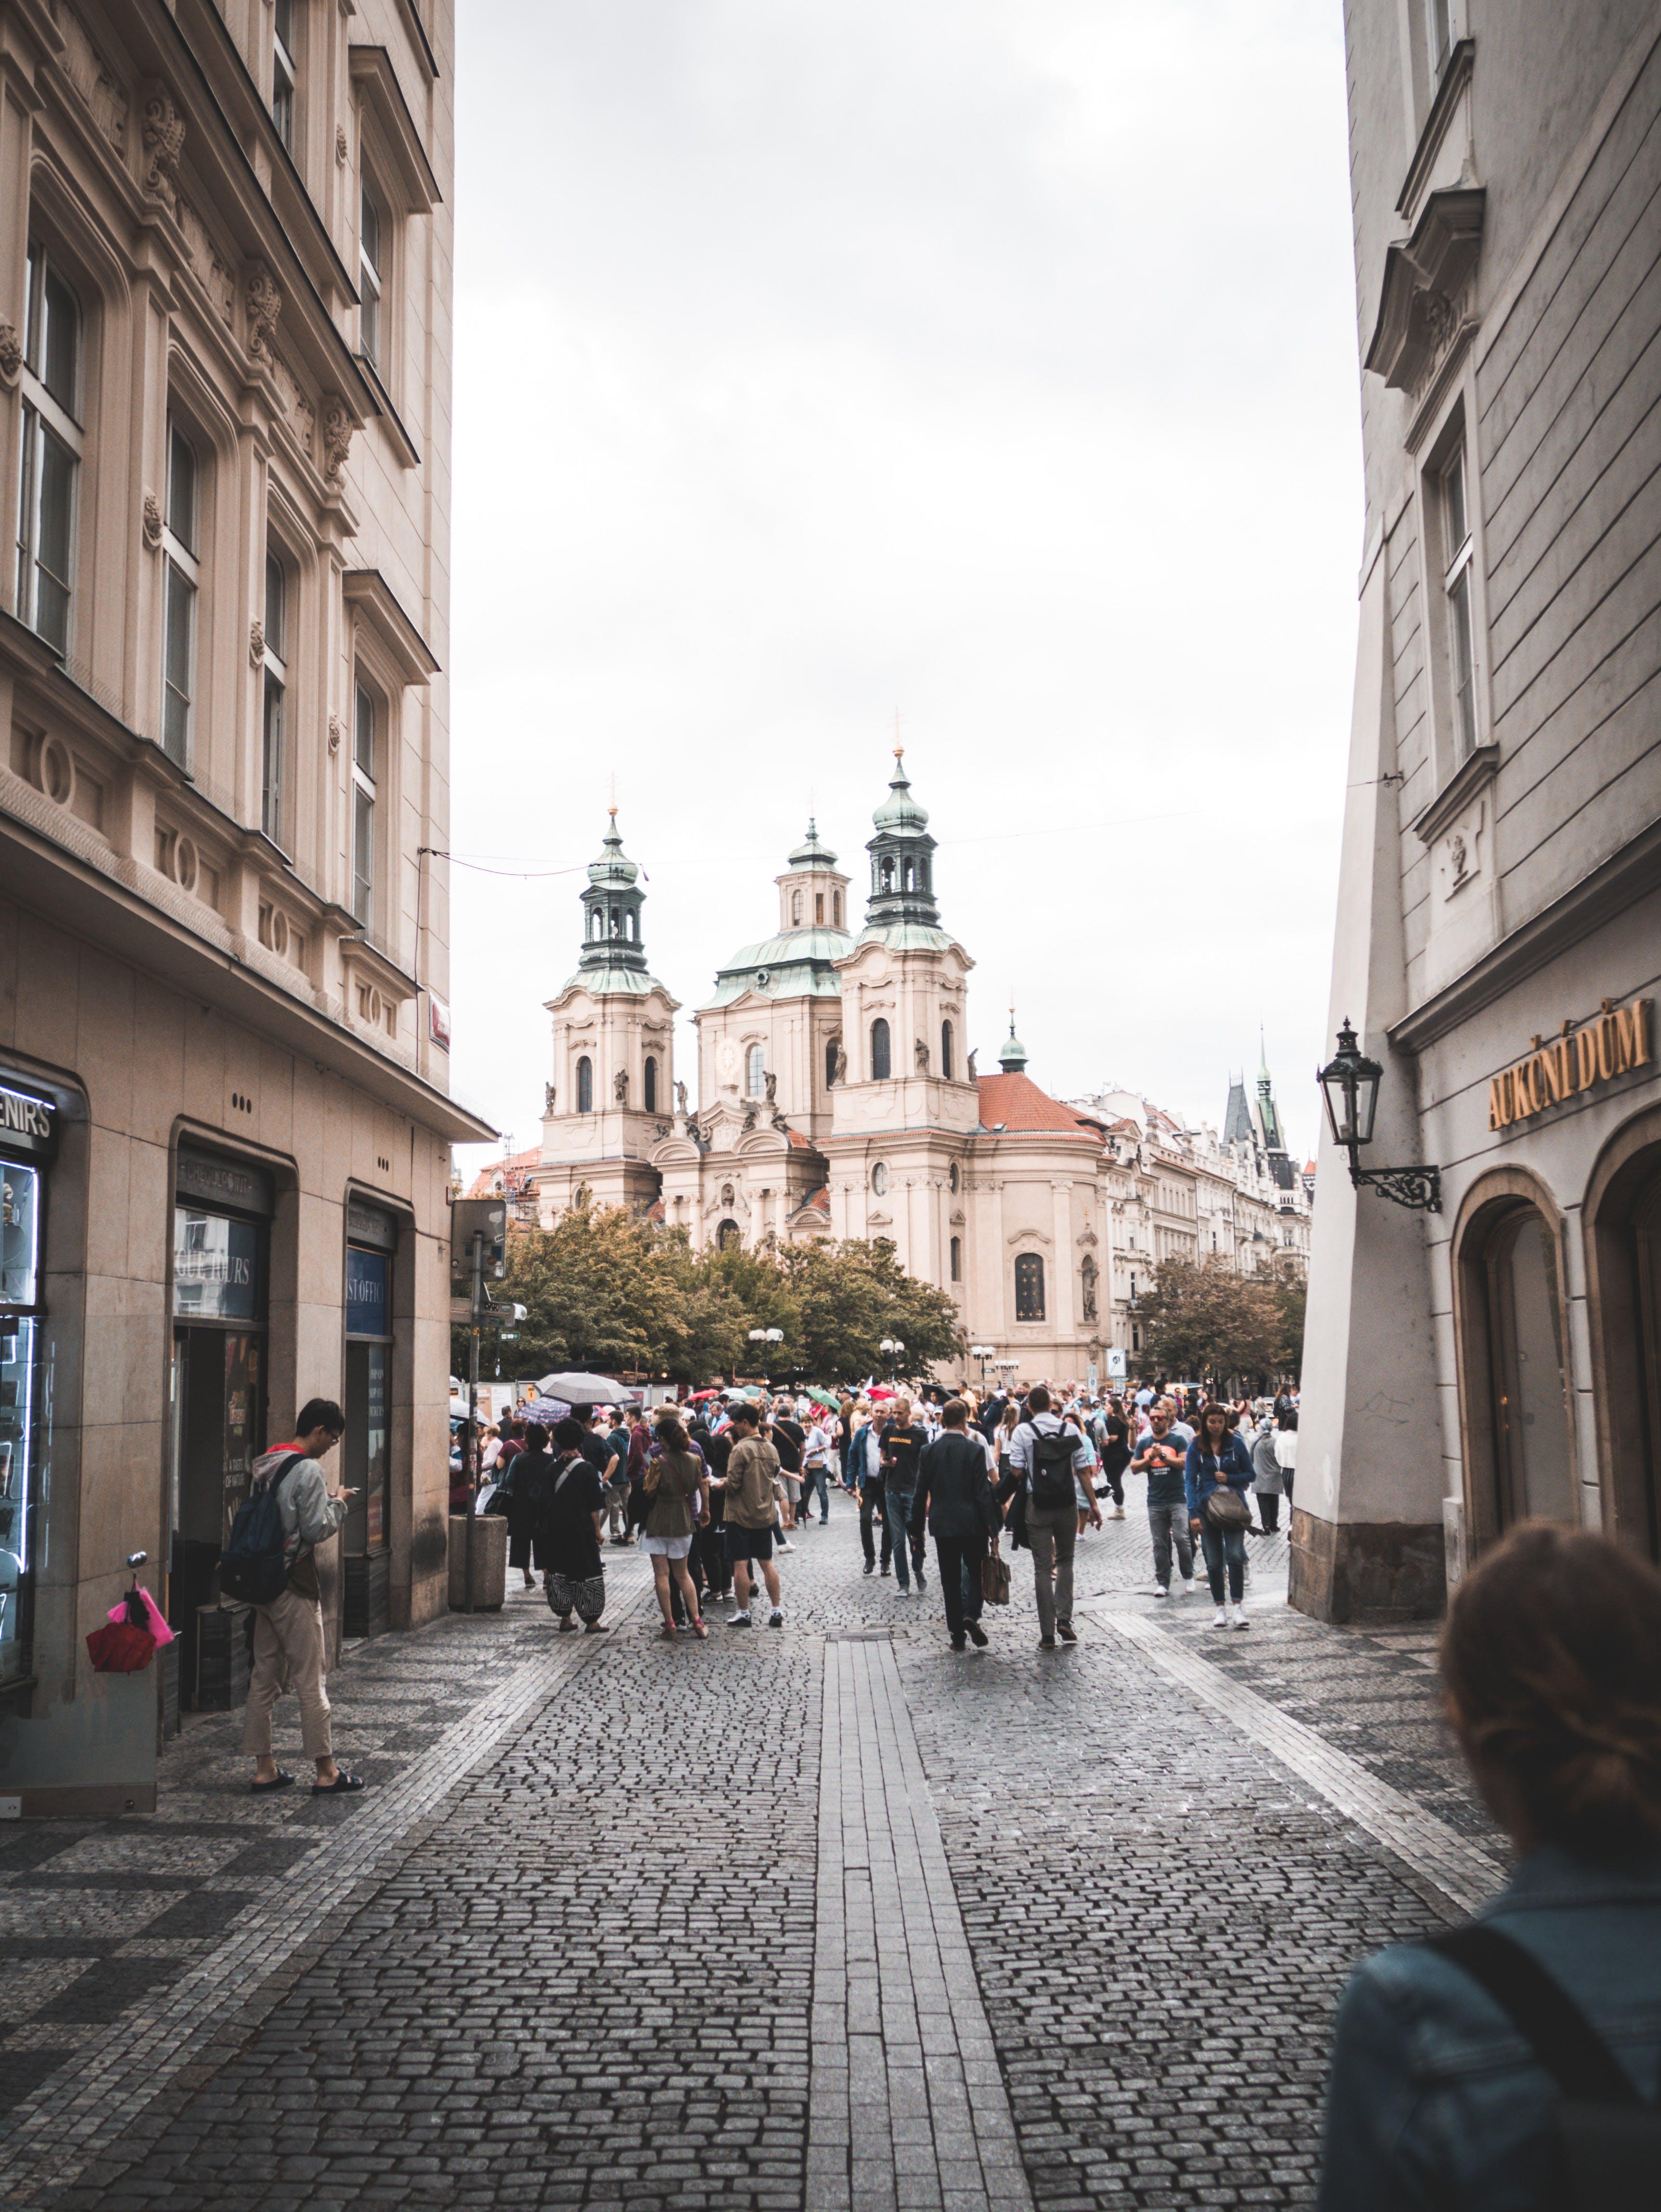 Gratis stockfoto met architectuur, gebouwen, kathedraal, kerk